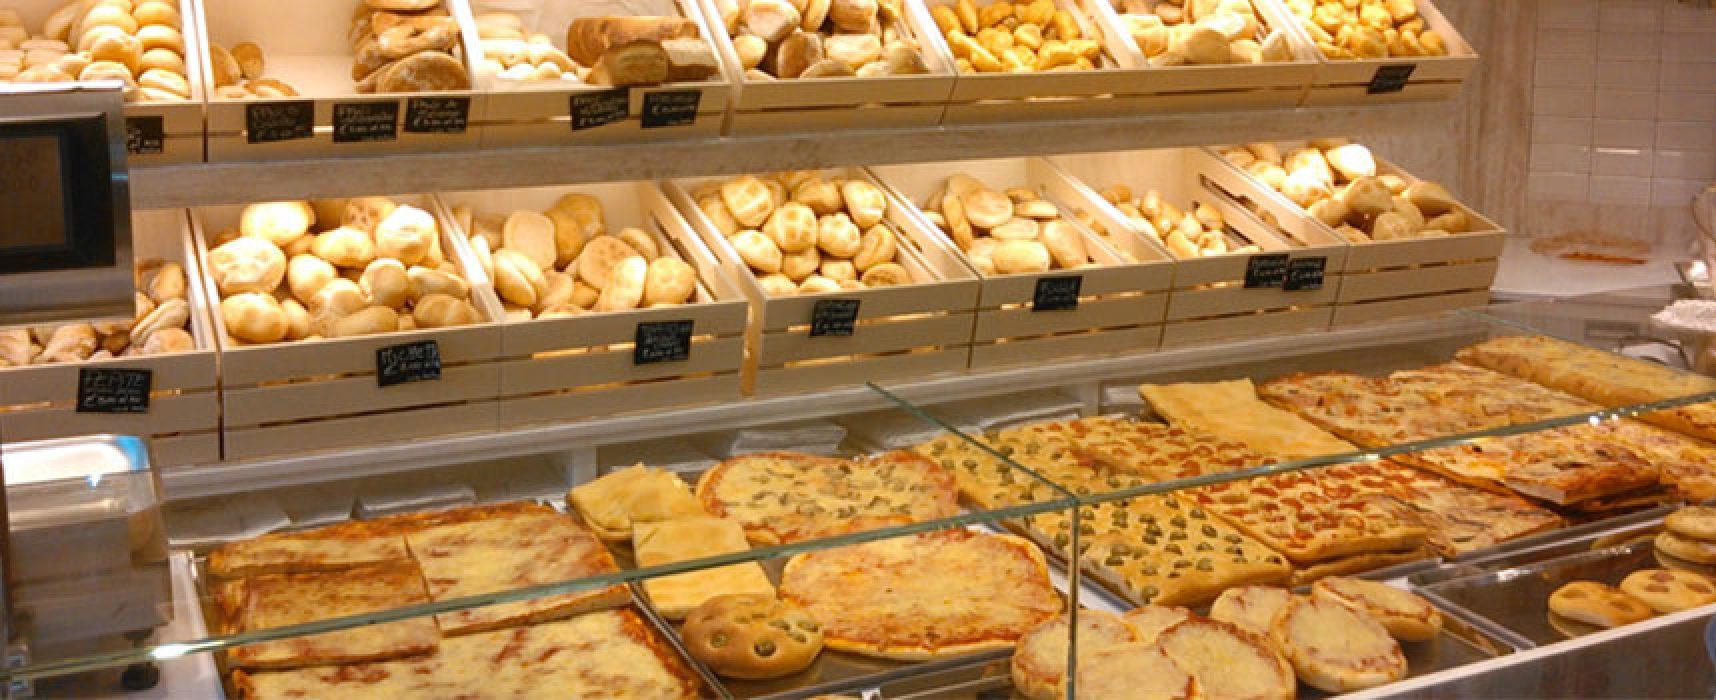 """Confcommercio, """"Panifici dopo ore 18 possono vendere prodotti da forno, no gastronomia"""""""